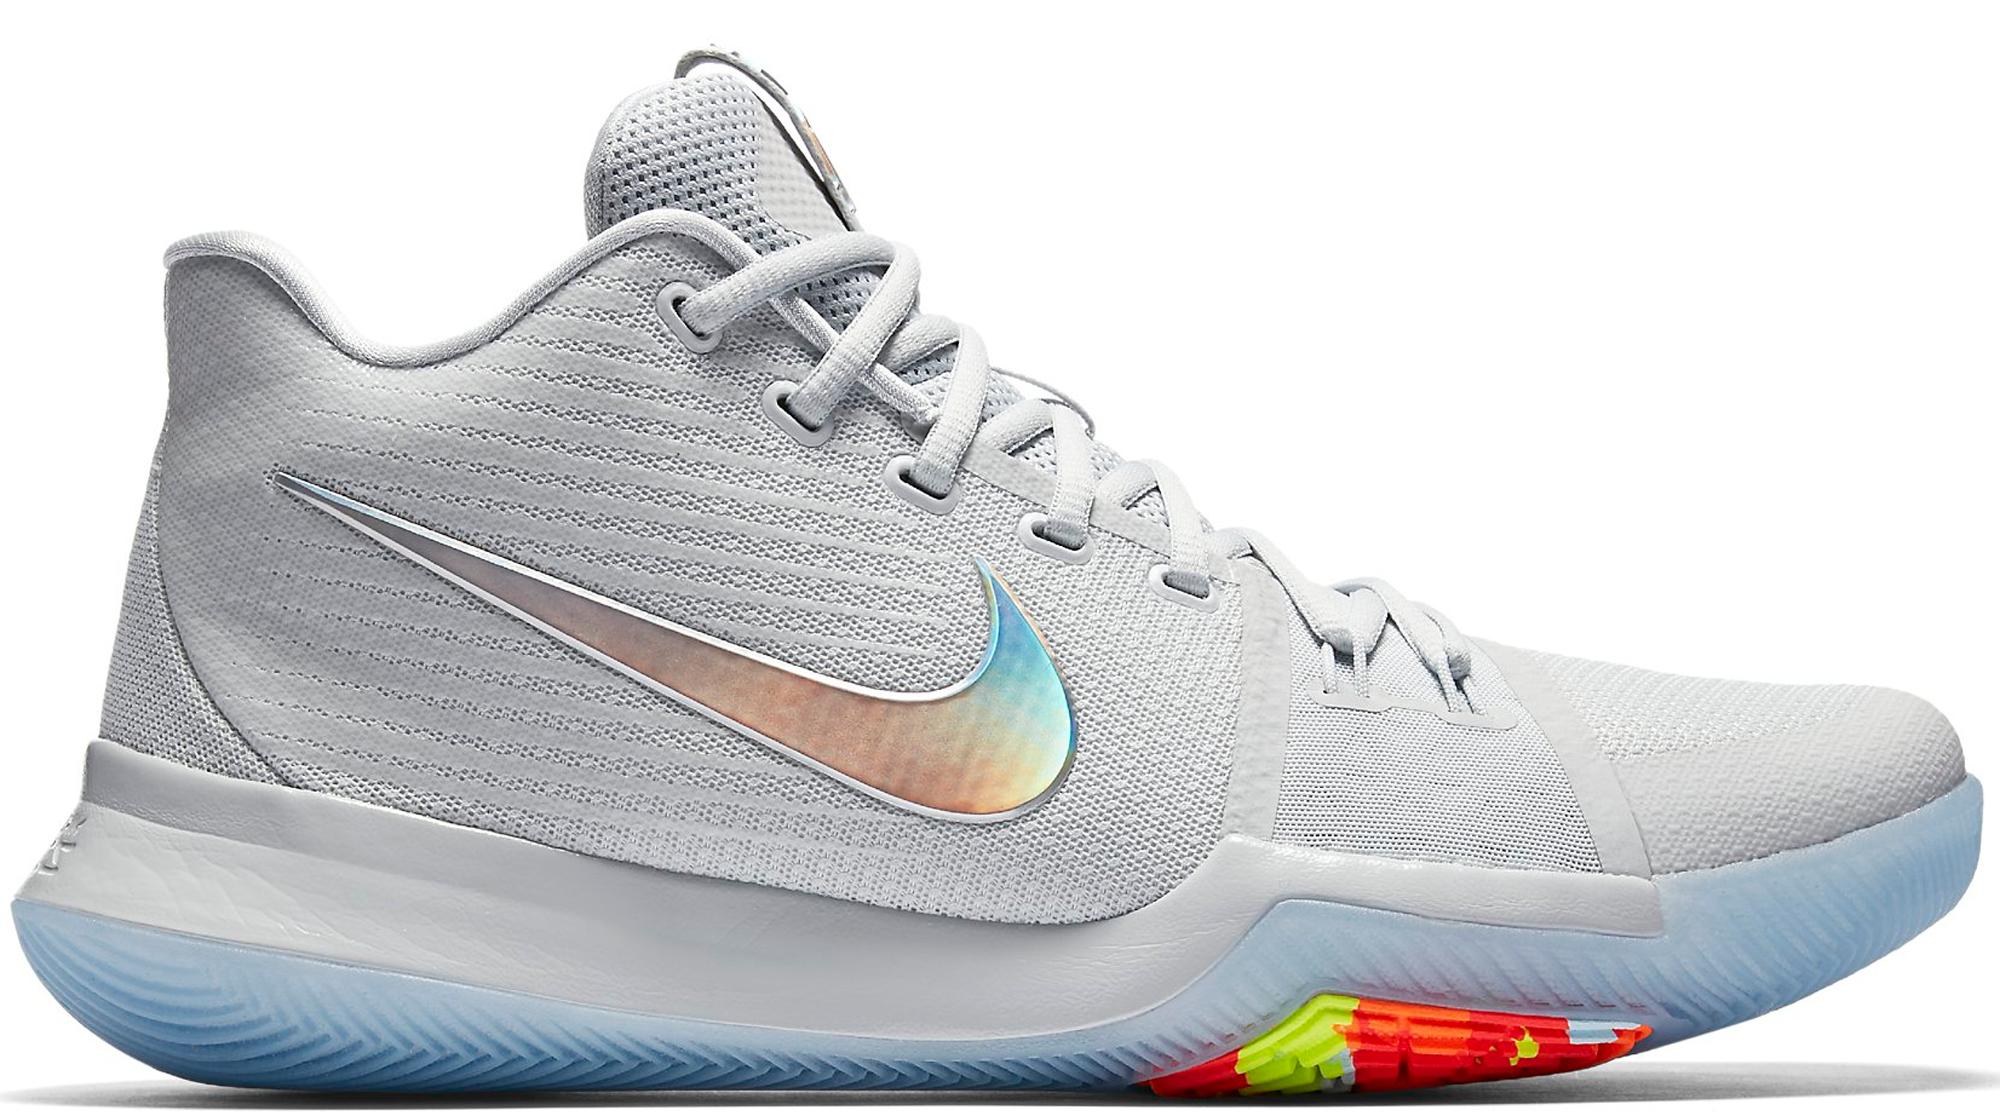 quality design 126da 6c8c4 Nike Kyrie 3 Time to Shine - StockX News